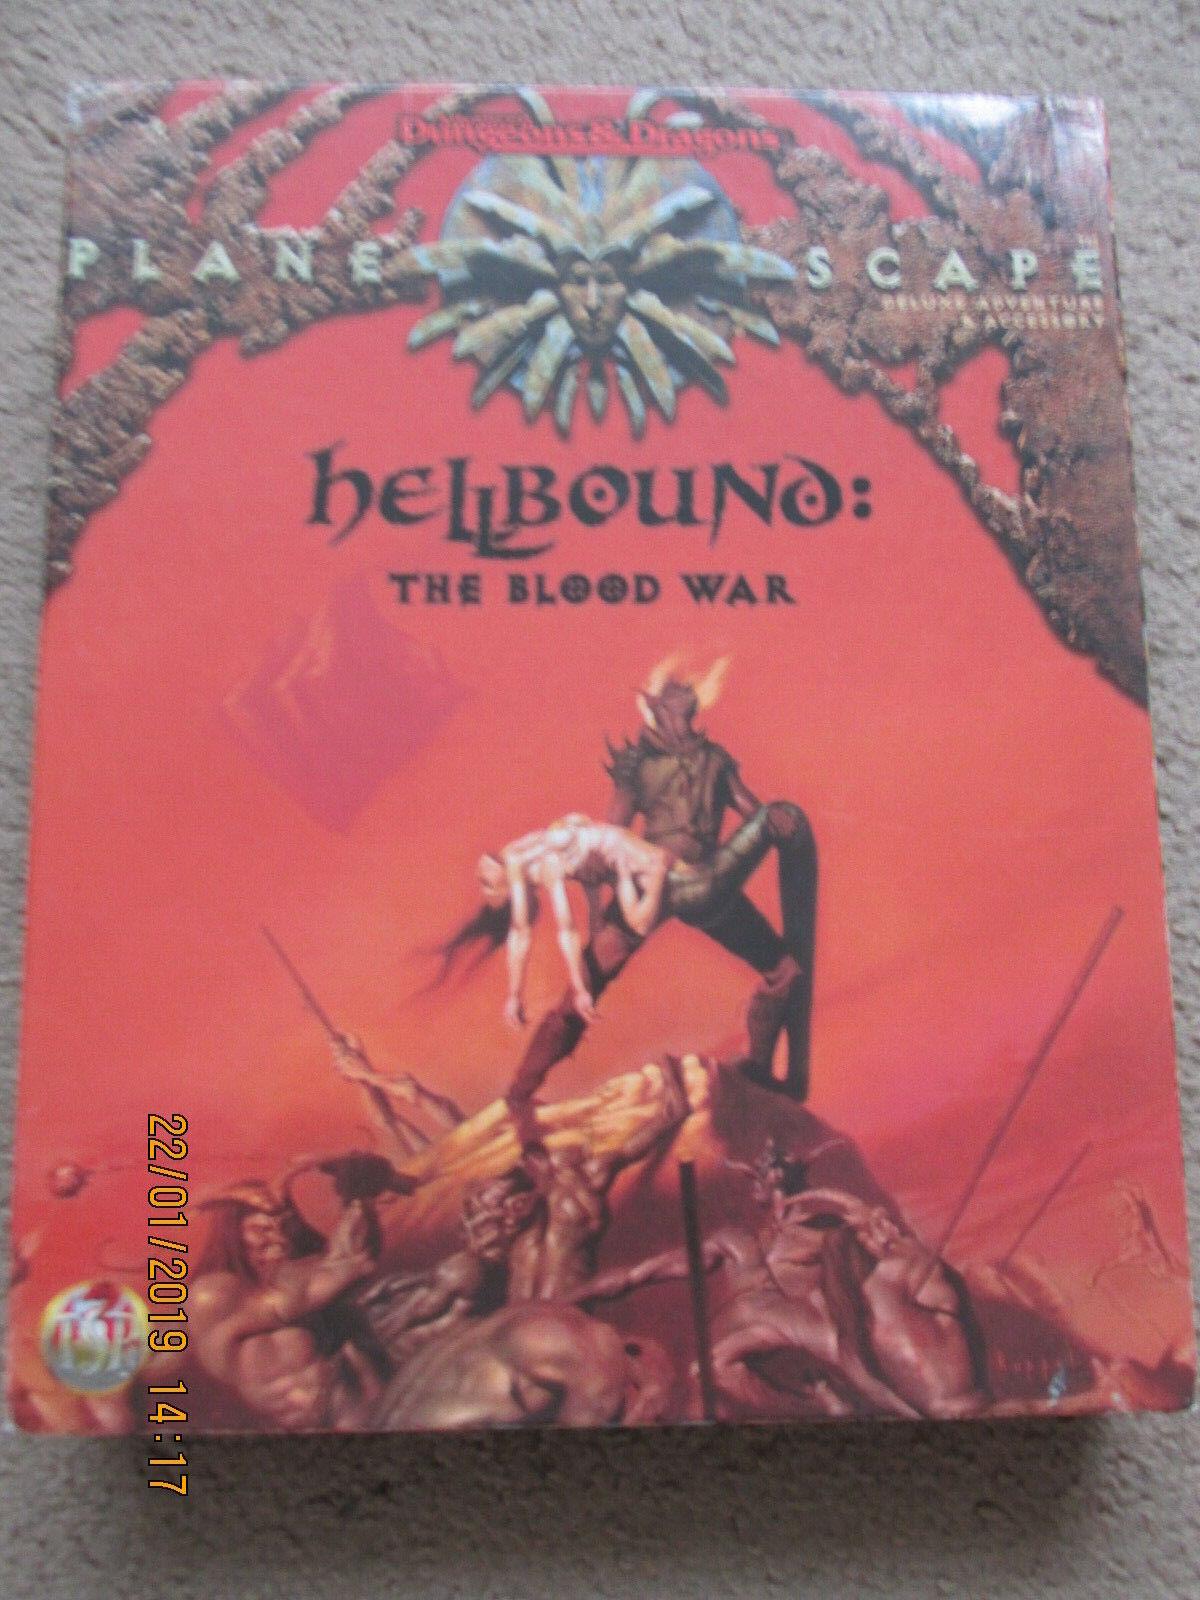 TSR AD&D Planescape Hellbound la guerra en la sangre 2621 completa en caja Dungeon Dragon